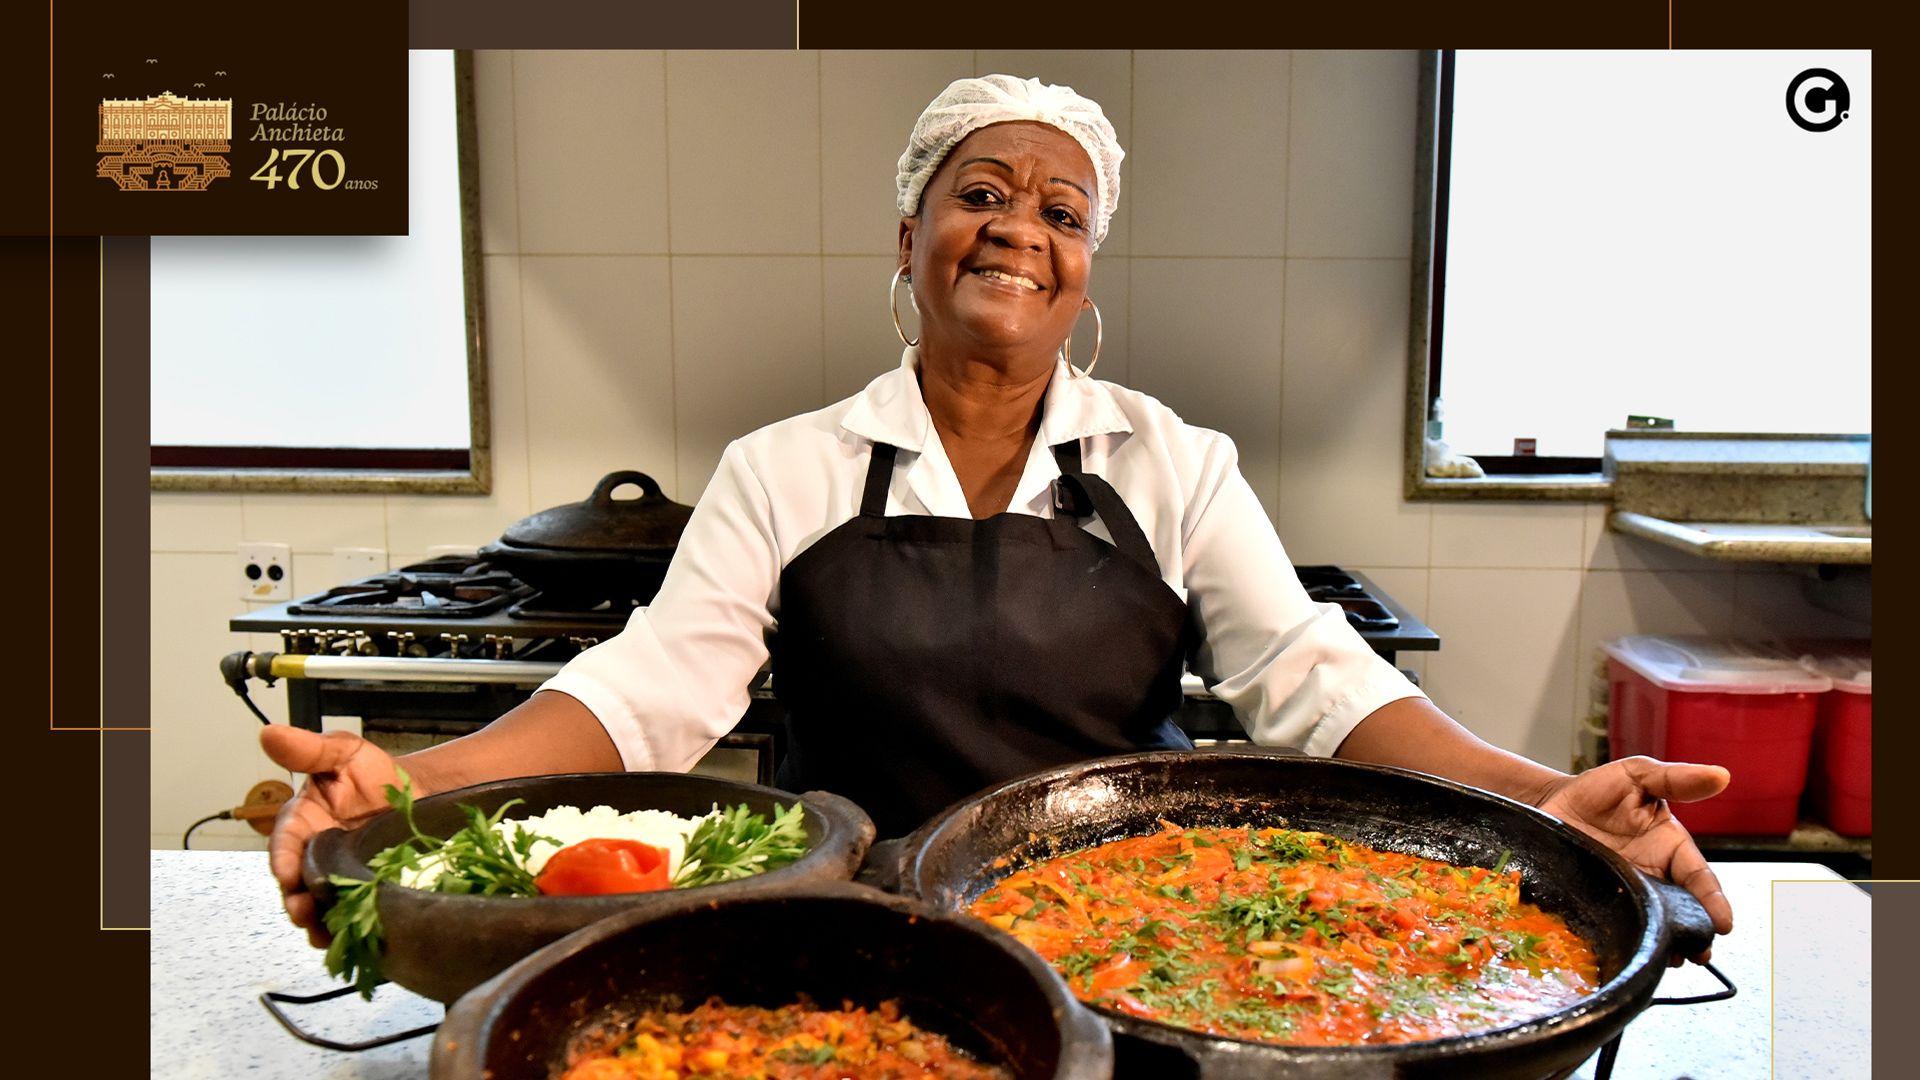 Maria Ângela Dantas, Anginha, cozinheira do Palácio Anchieta